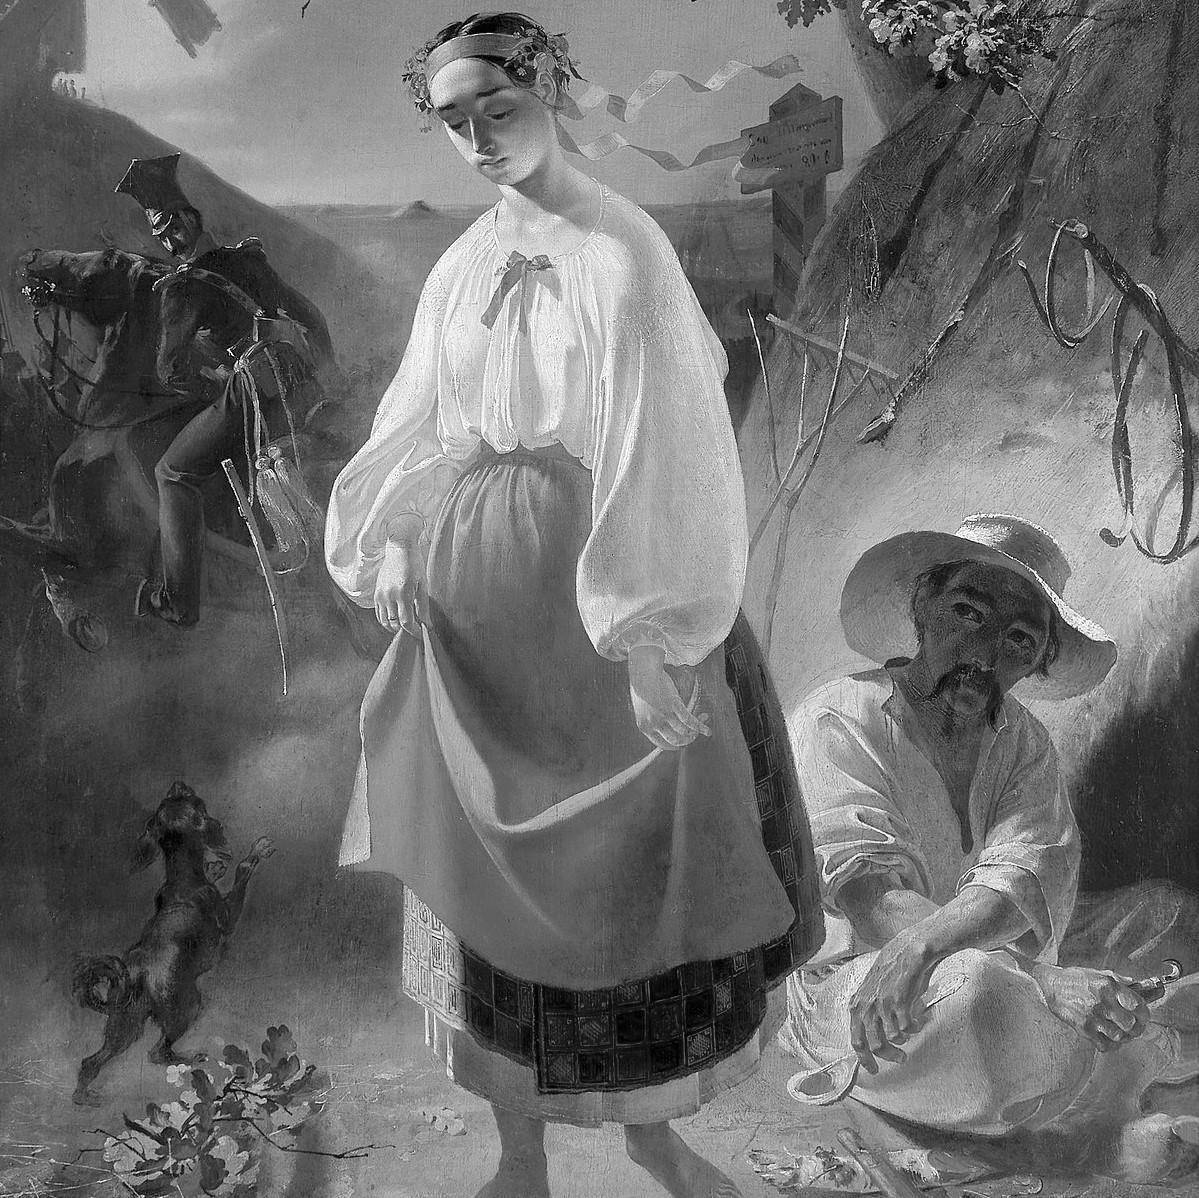 «Катерина» 1842, офорт із серії «Живописна Україна» Т. Шевченко.